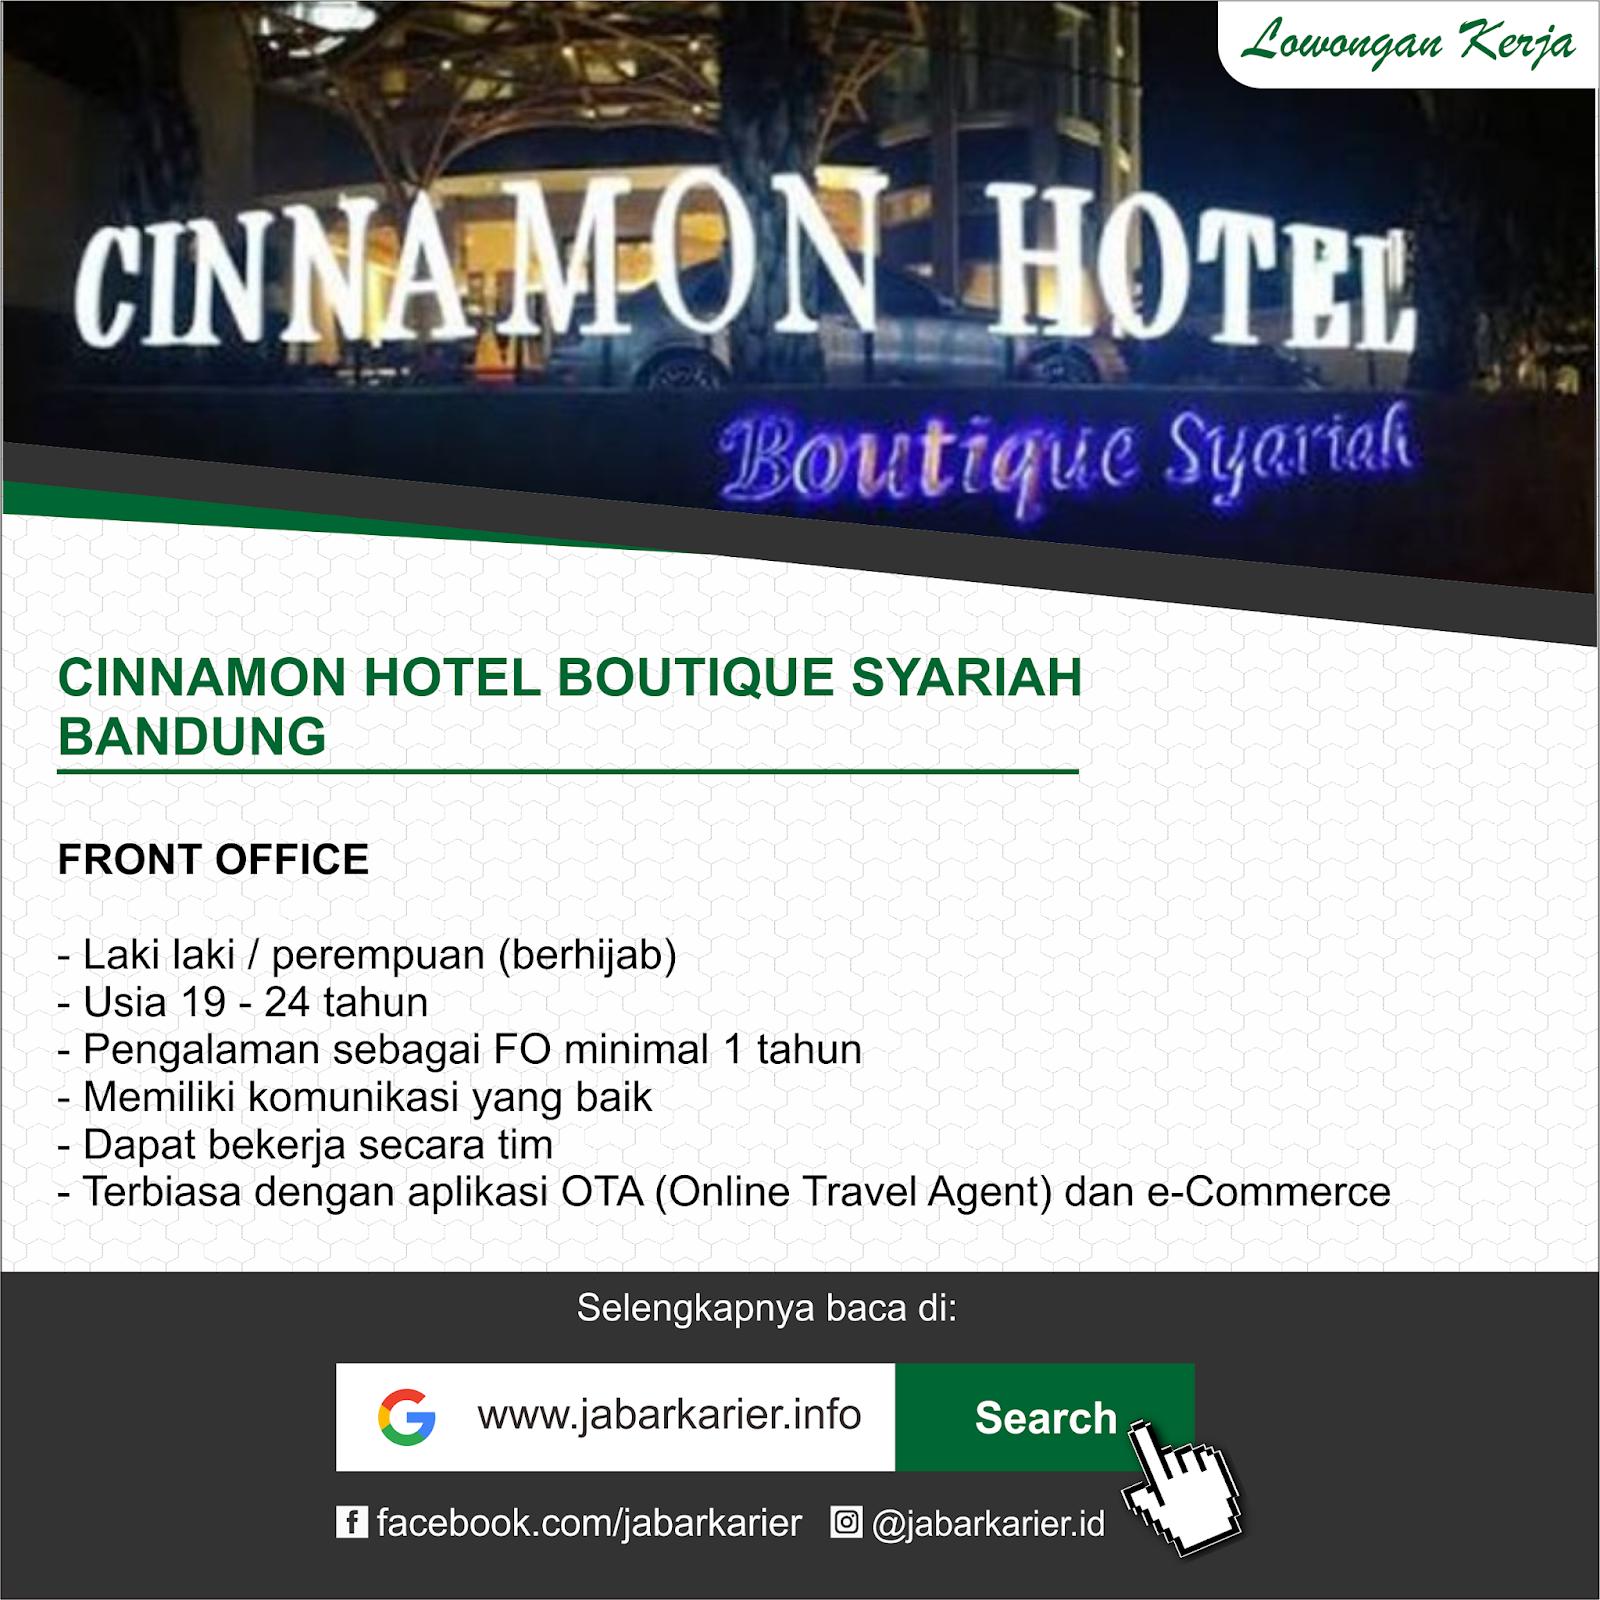 Lowongan Kerja Cinnamon Hotel Boutique Syariah Bandung Lowongan Kerja Terbaru Tahun 2020 Informasi Rekrutmen Cpns Pppk 2020